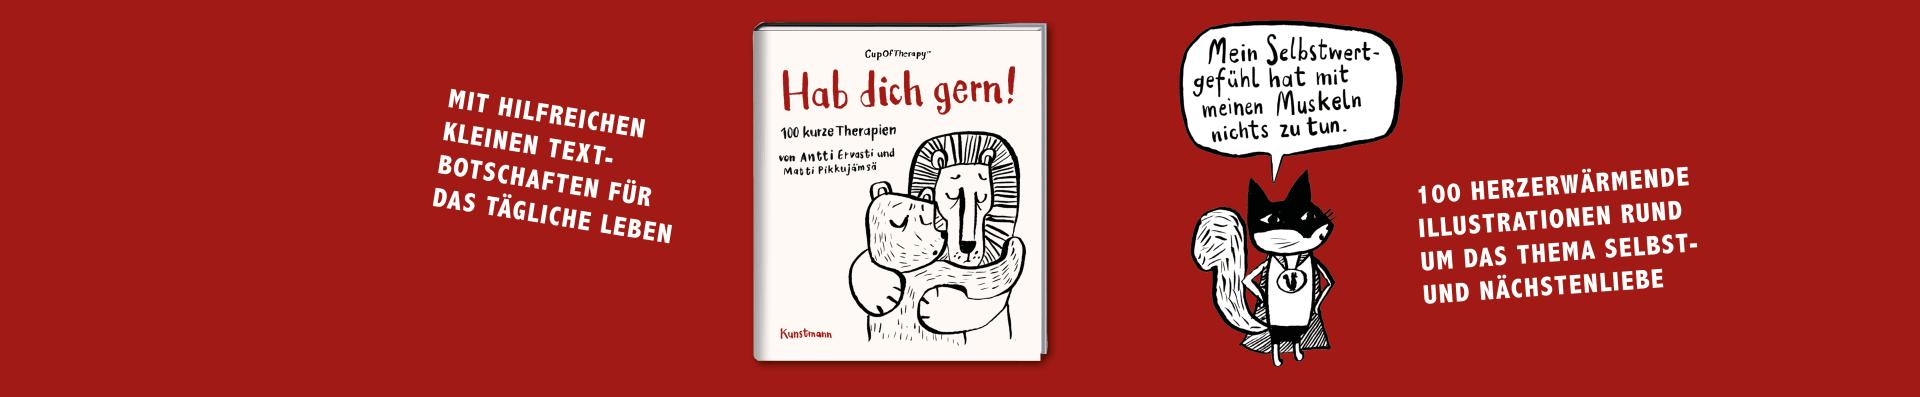 Antti Ervasti, Matti Pikkujämsä – Hab dich gern!